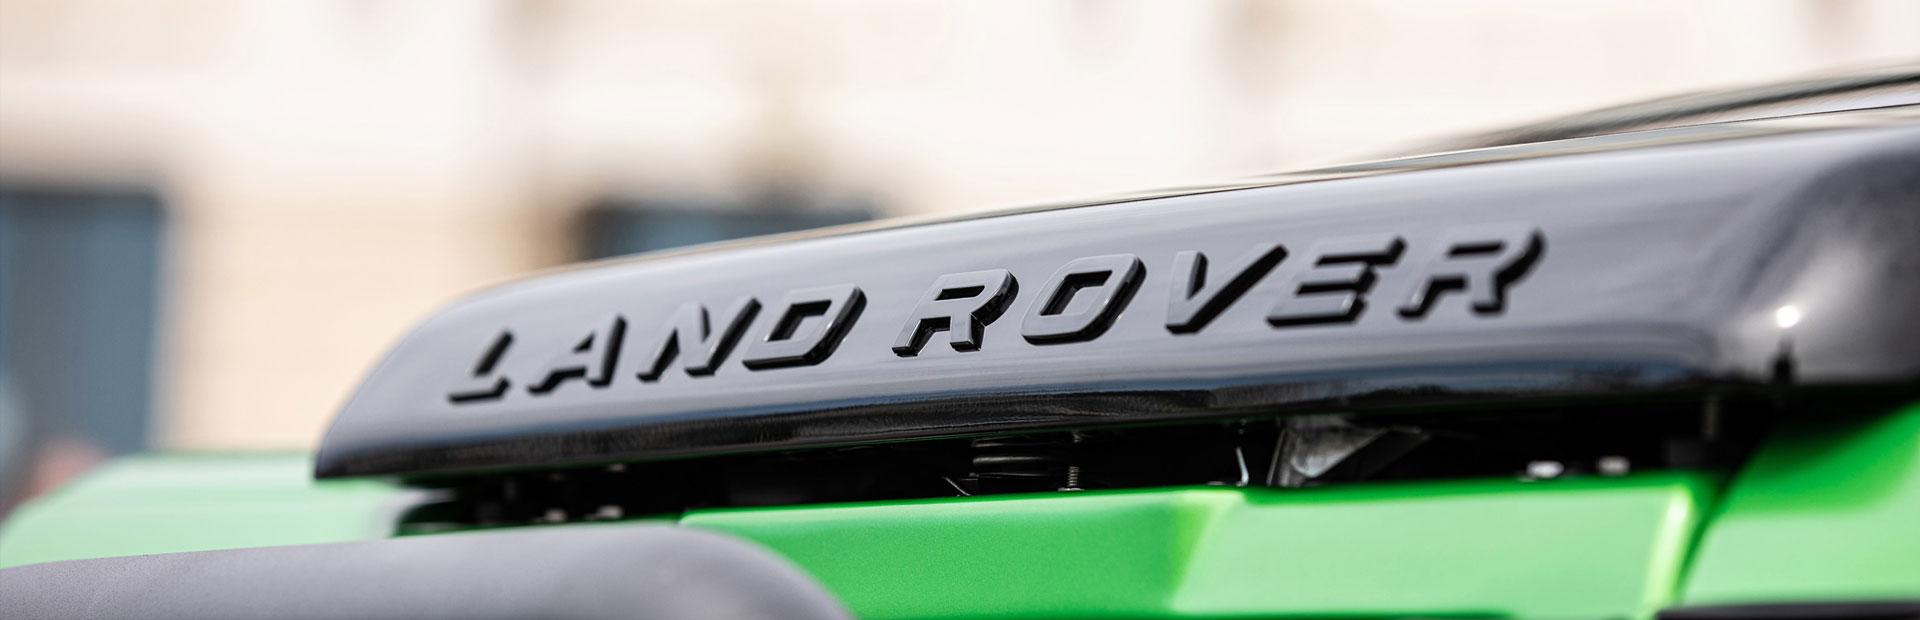 Arkonik Volt – Custom Land Rover Defender 110